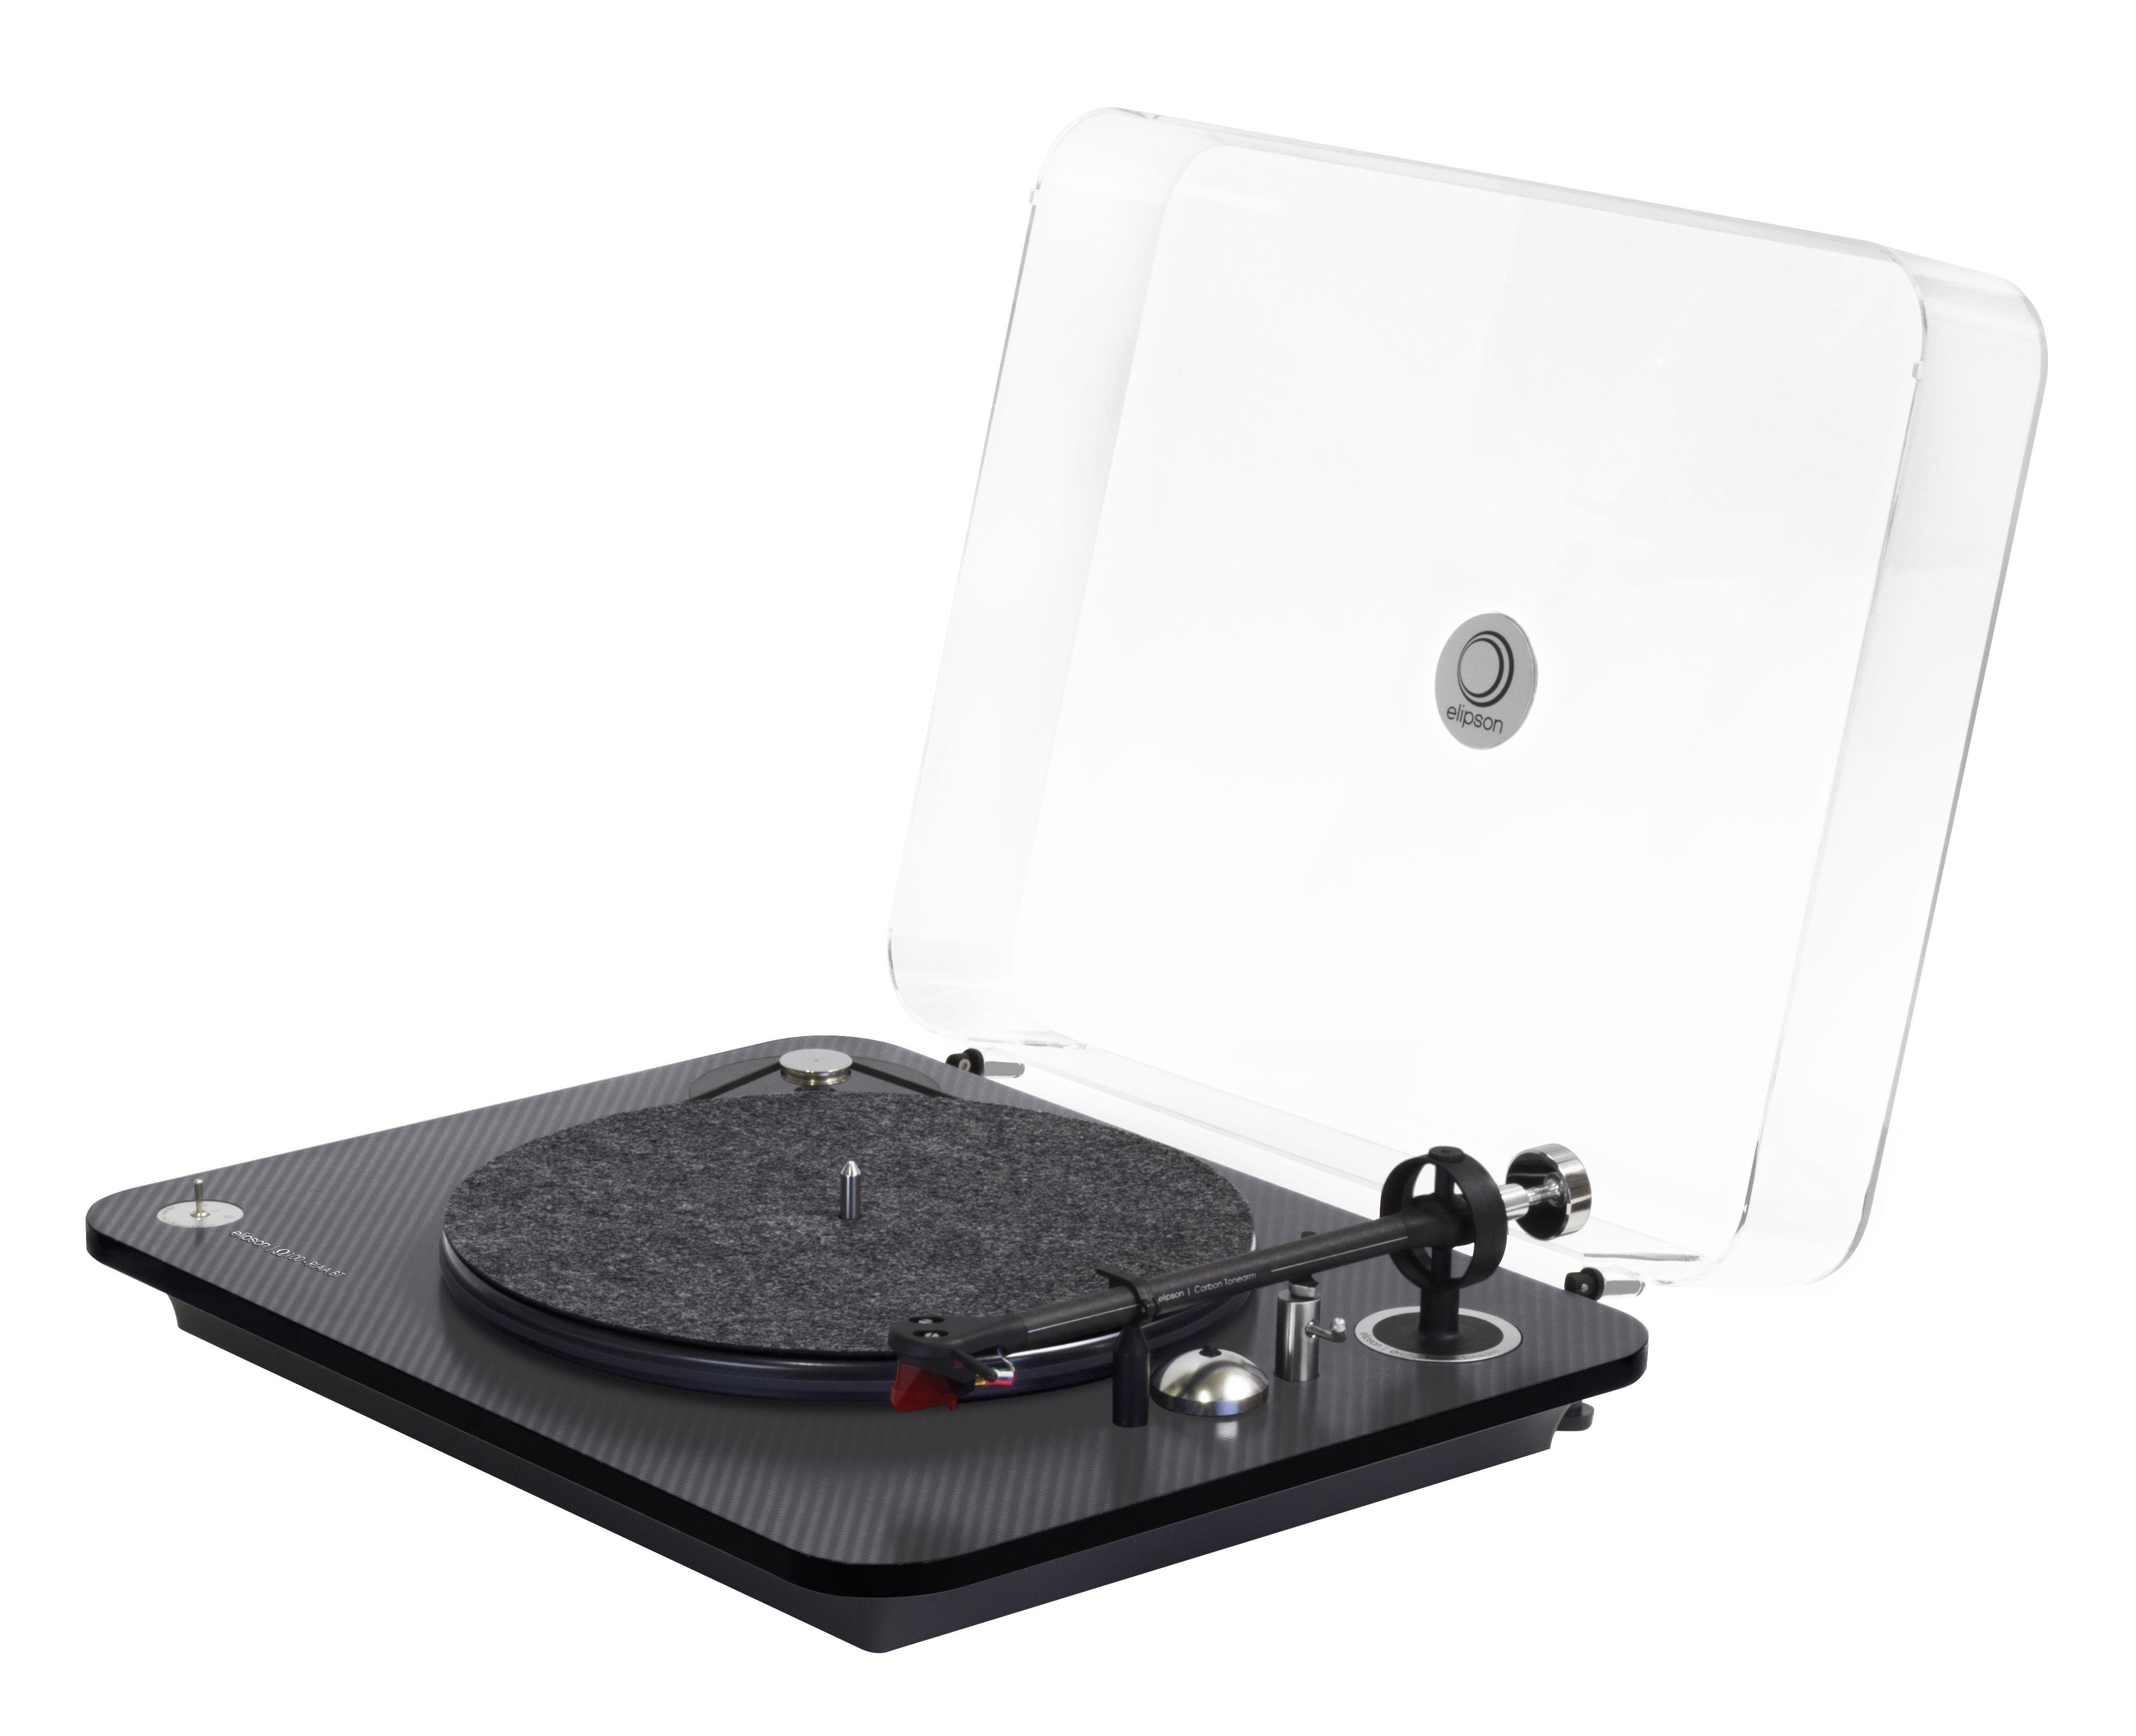 Dossiers - Art de vivre 2018 - Platine vinyle Omega Carbone 100 RIAA BT / Bluetooth & USB - Pré-amplifiée - Elipson - Carbone noir - Fibre de carbone, PMMA